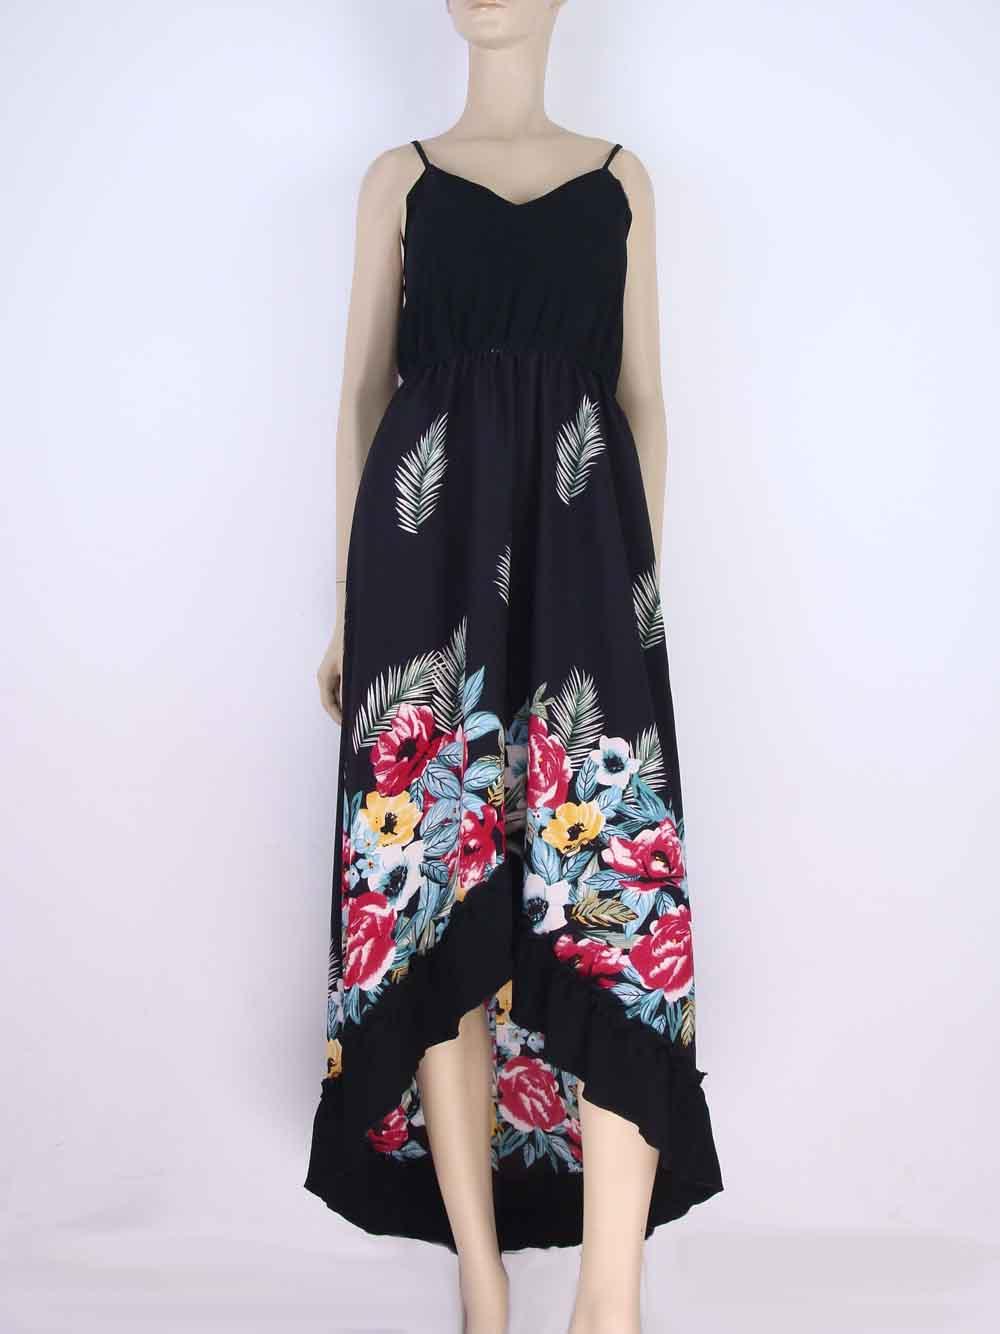 522a1aba4 Vestido Longo Crepe Estampa Floral Babado Preto – AMAMODA